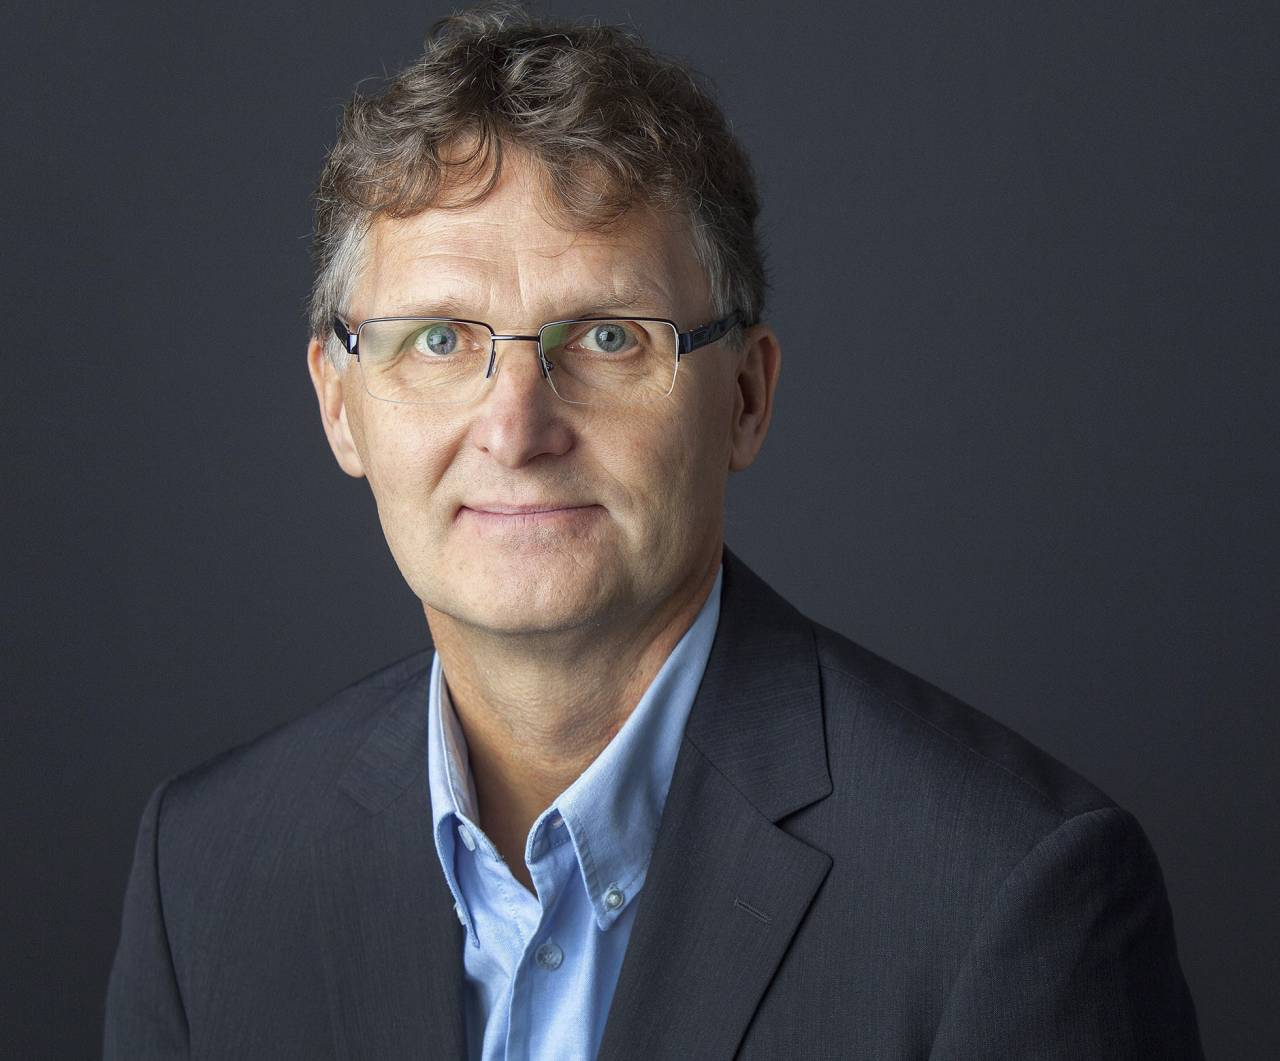 Leif E. Andersson är psykolog och författare till boken De sociala superkrafterna.